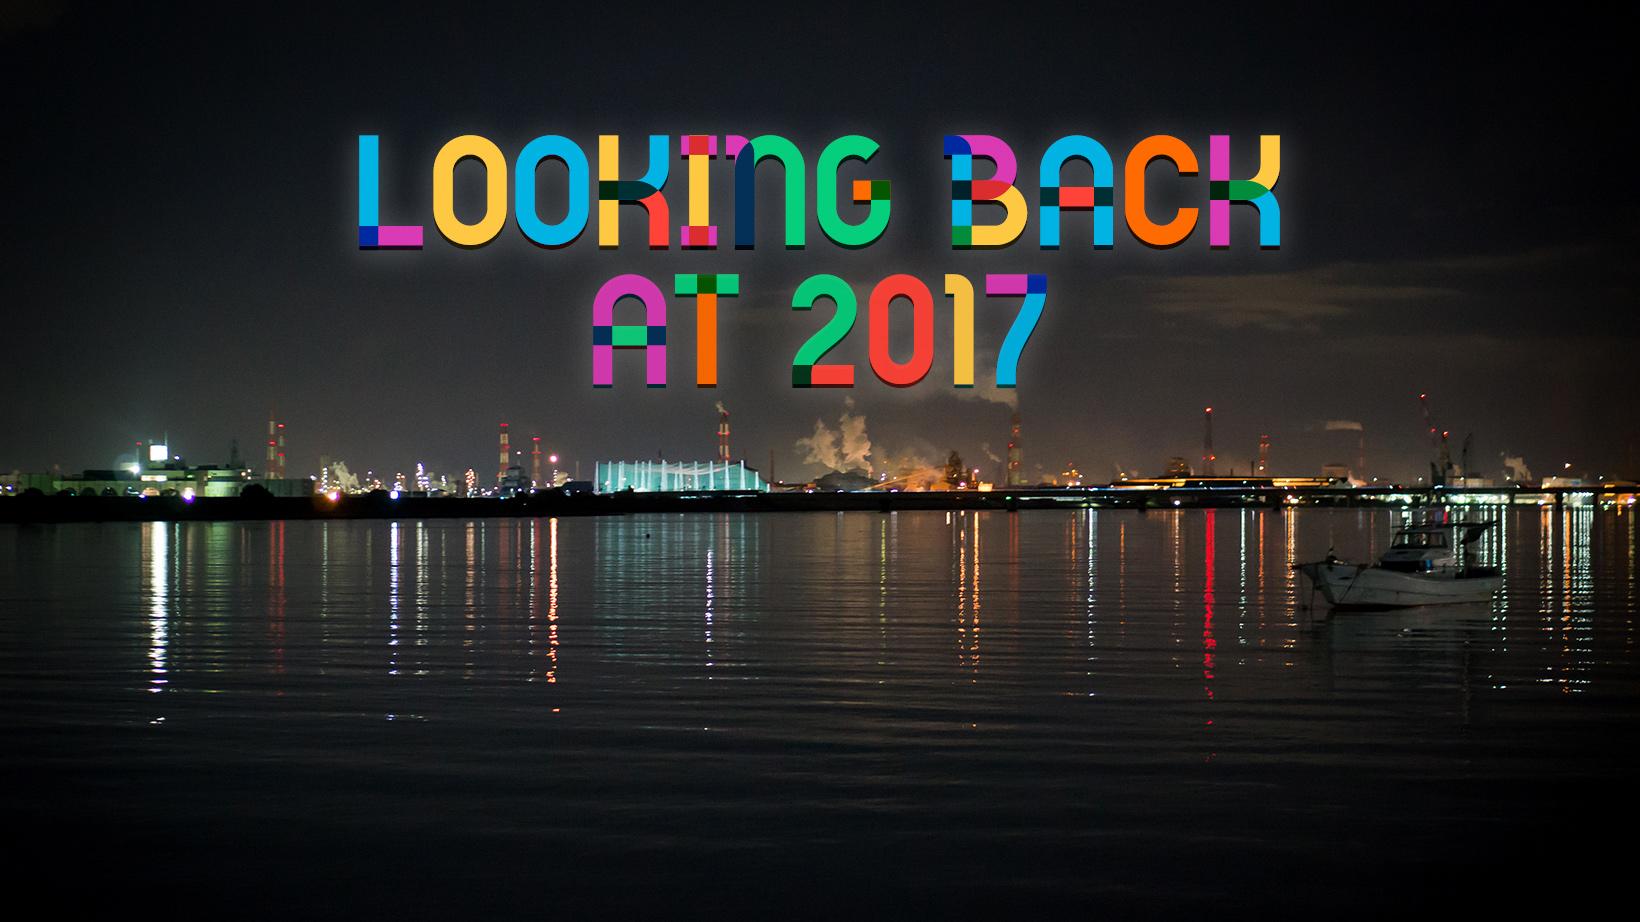 高梁川(岡山県倉敷市)から水島コンビナートを望む LOOKING BACK AT 2017 岡山県倉敷市のホームページ制作会社・デザイン会社として